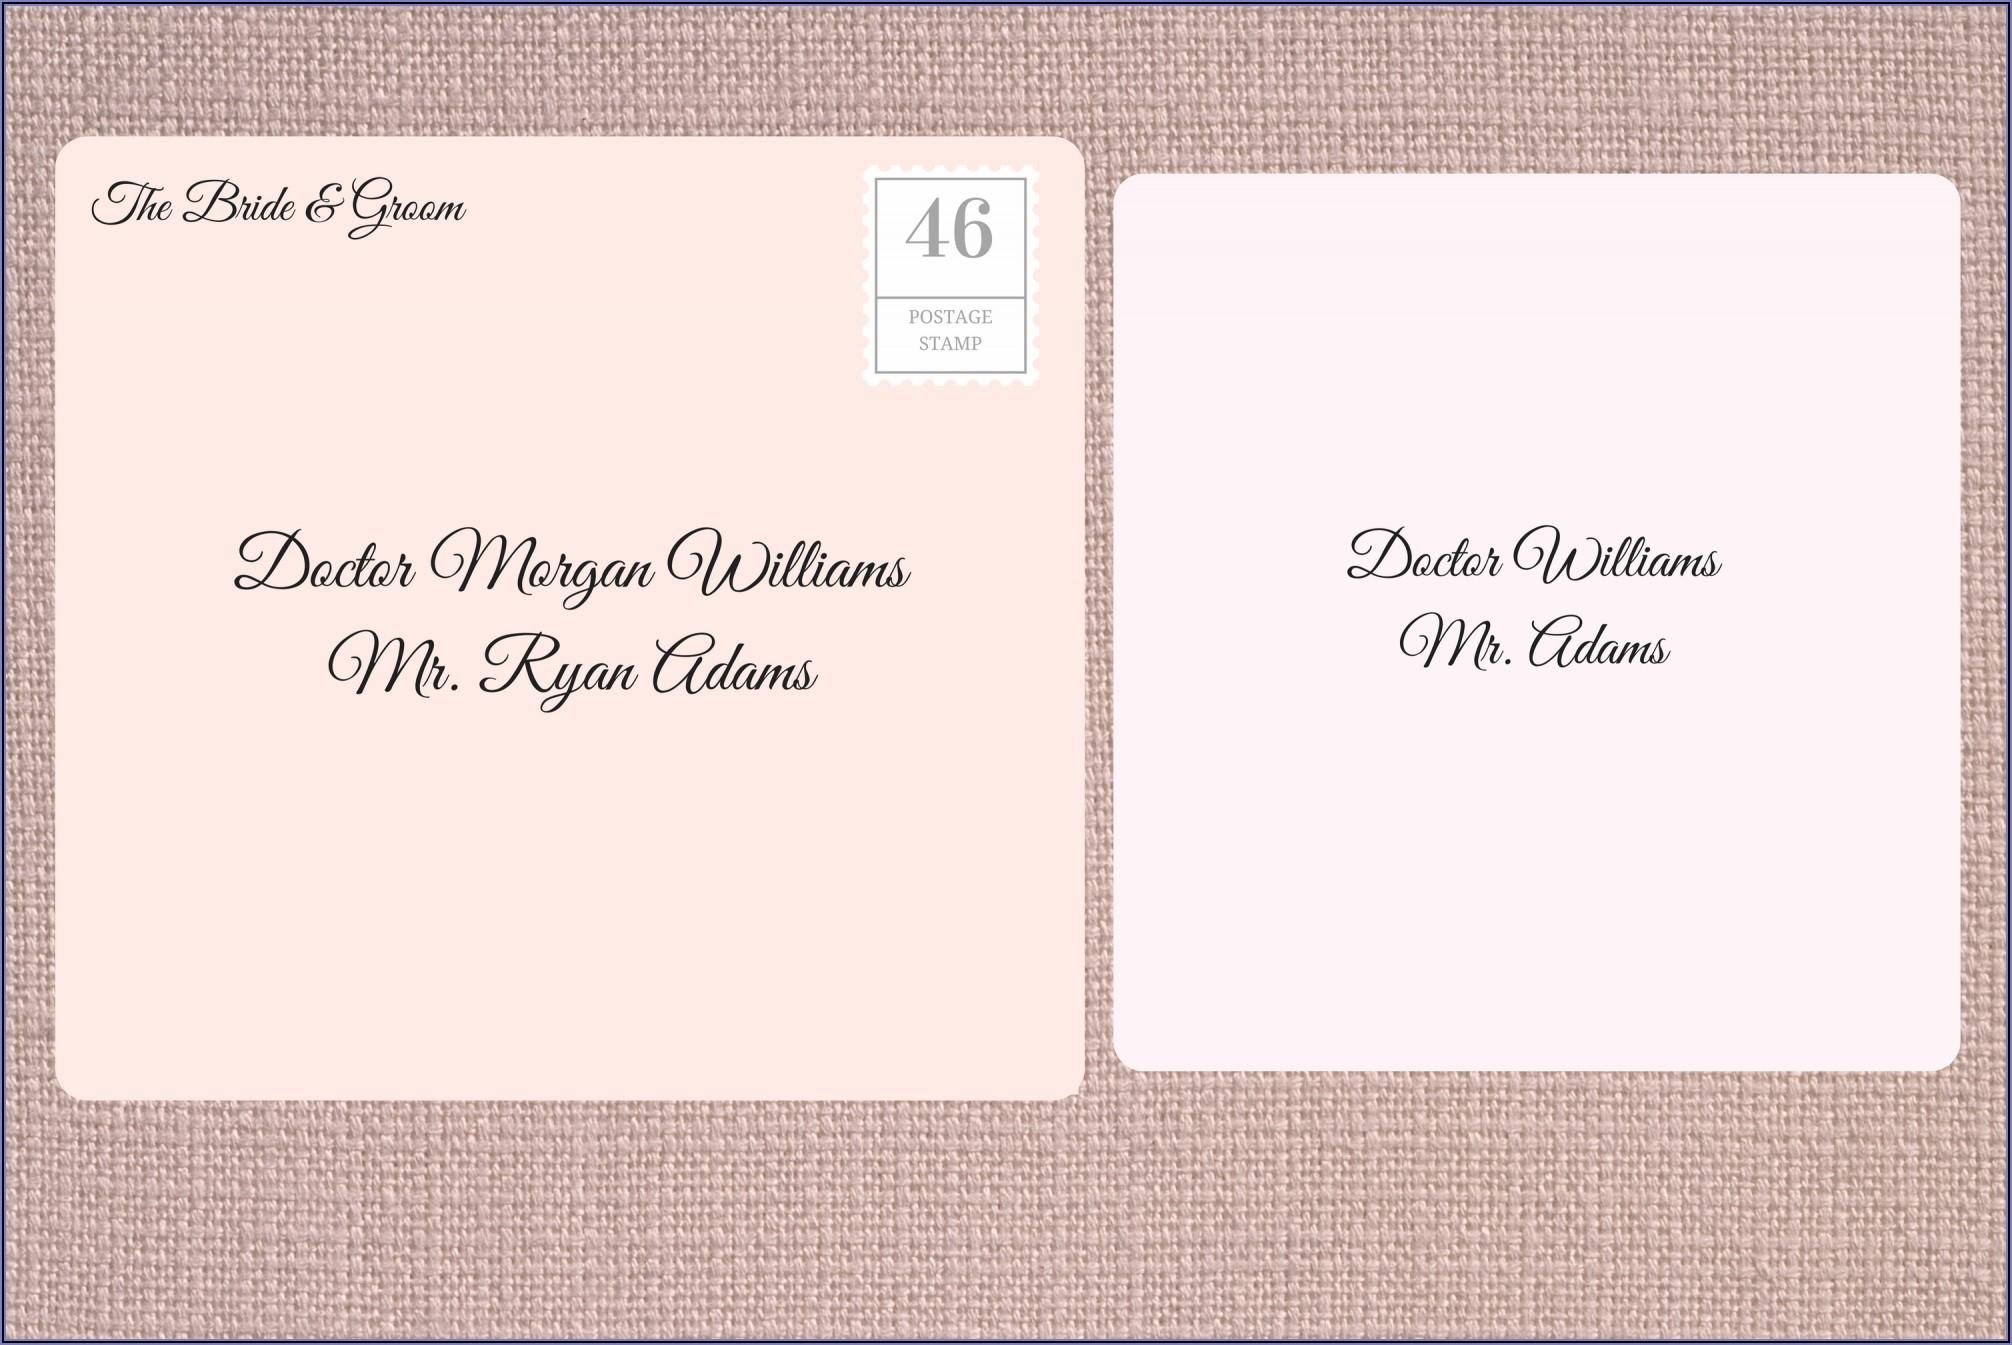 Addressing Envelopes Etiquette Dr And Mr